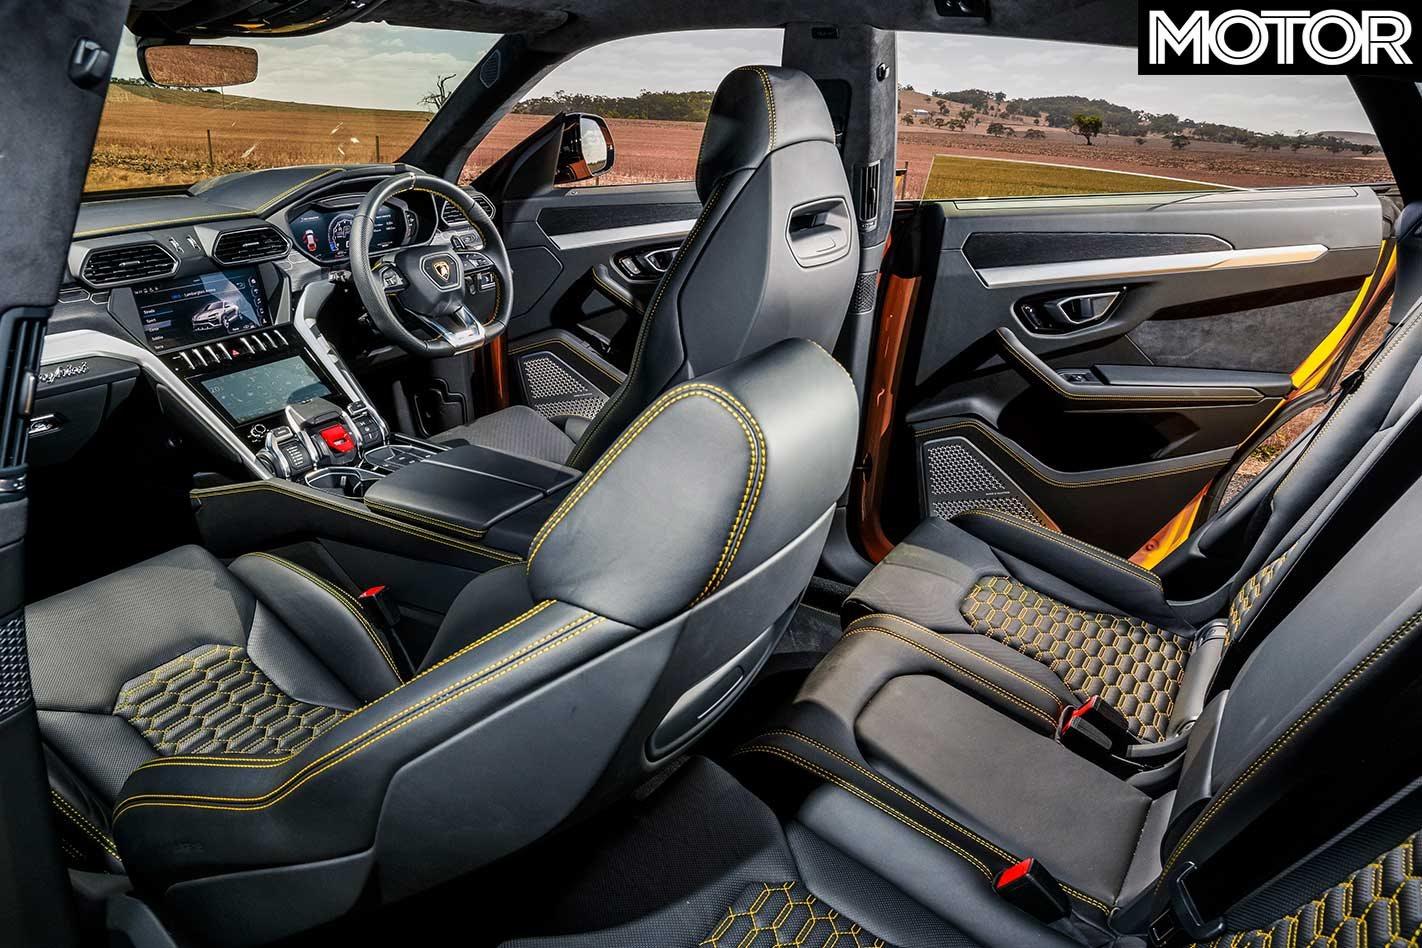 2019 Lamborghini Urus Review Motor